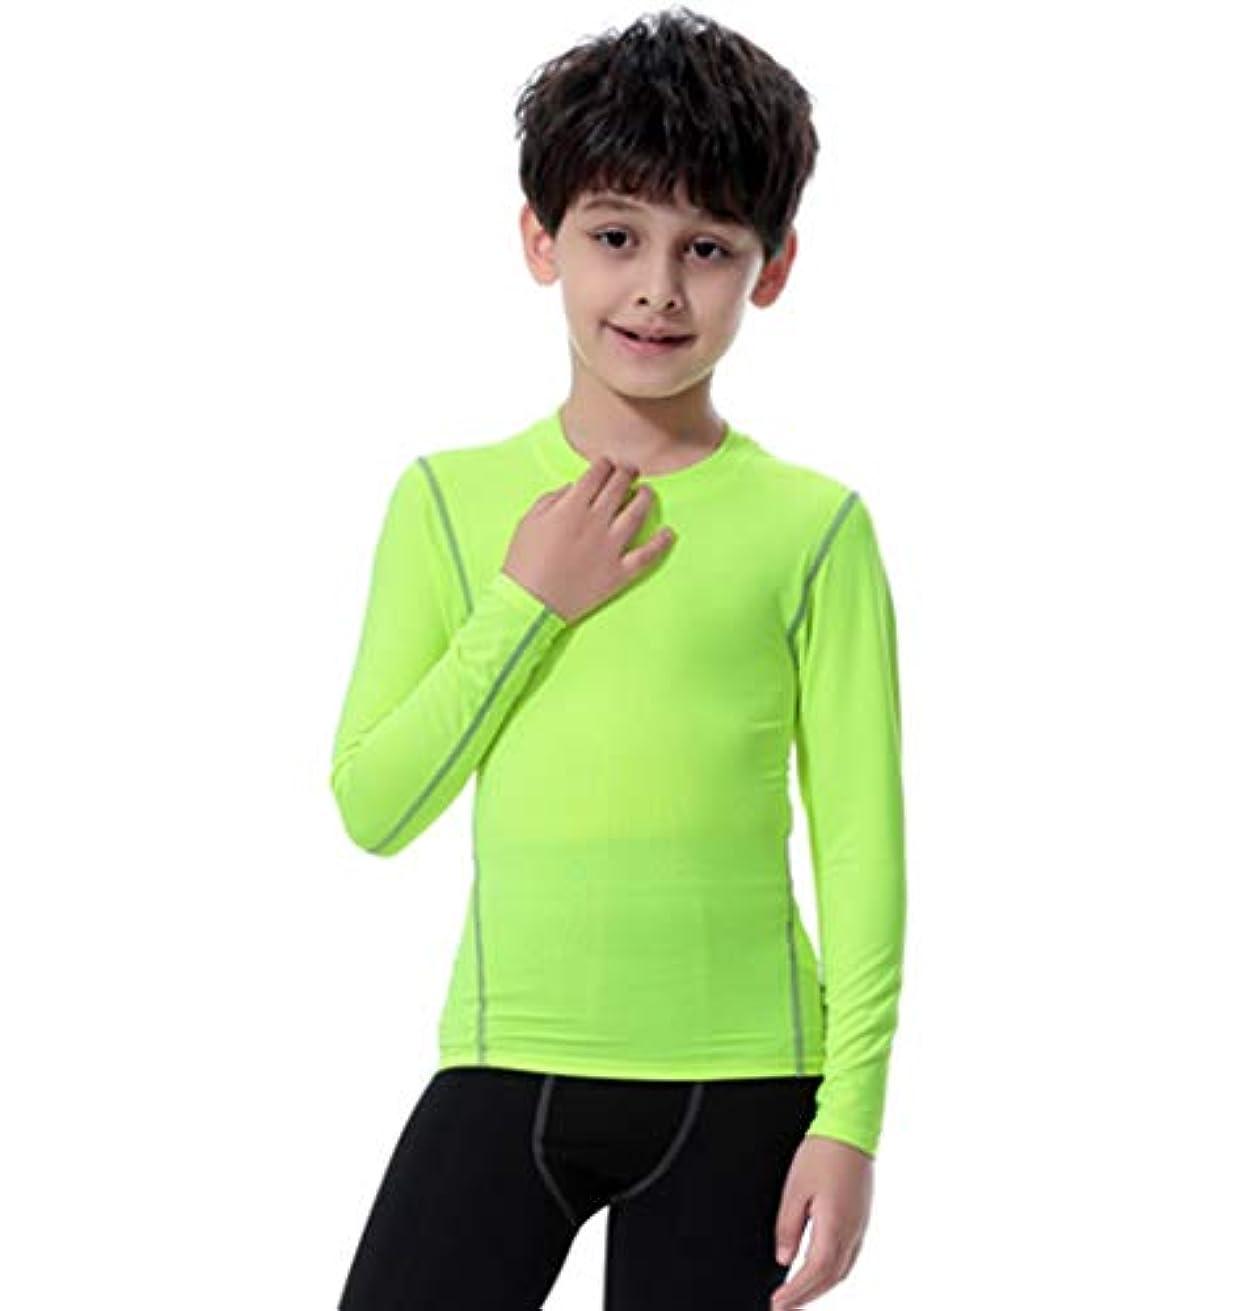 手紙を書くセレナ改革(フイスコジー)Facecozy メンズ スポーツウェア 長袖 春夏 アンダーシャツ 吸汗速乾 トレーニング 薄手 ランニング ジム 7色 コンプレッションウェア